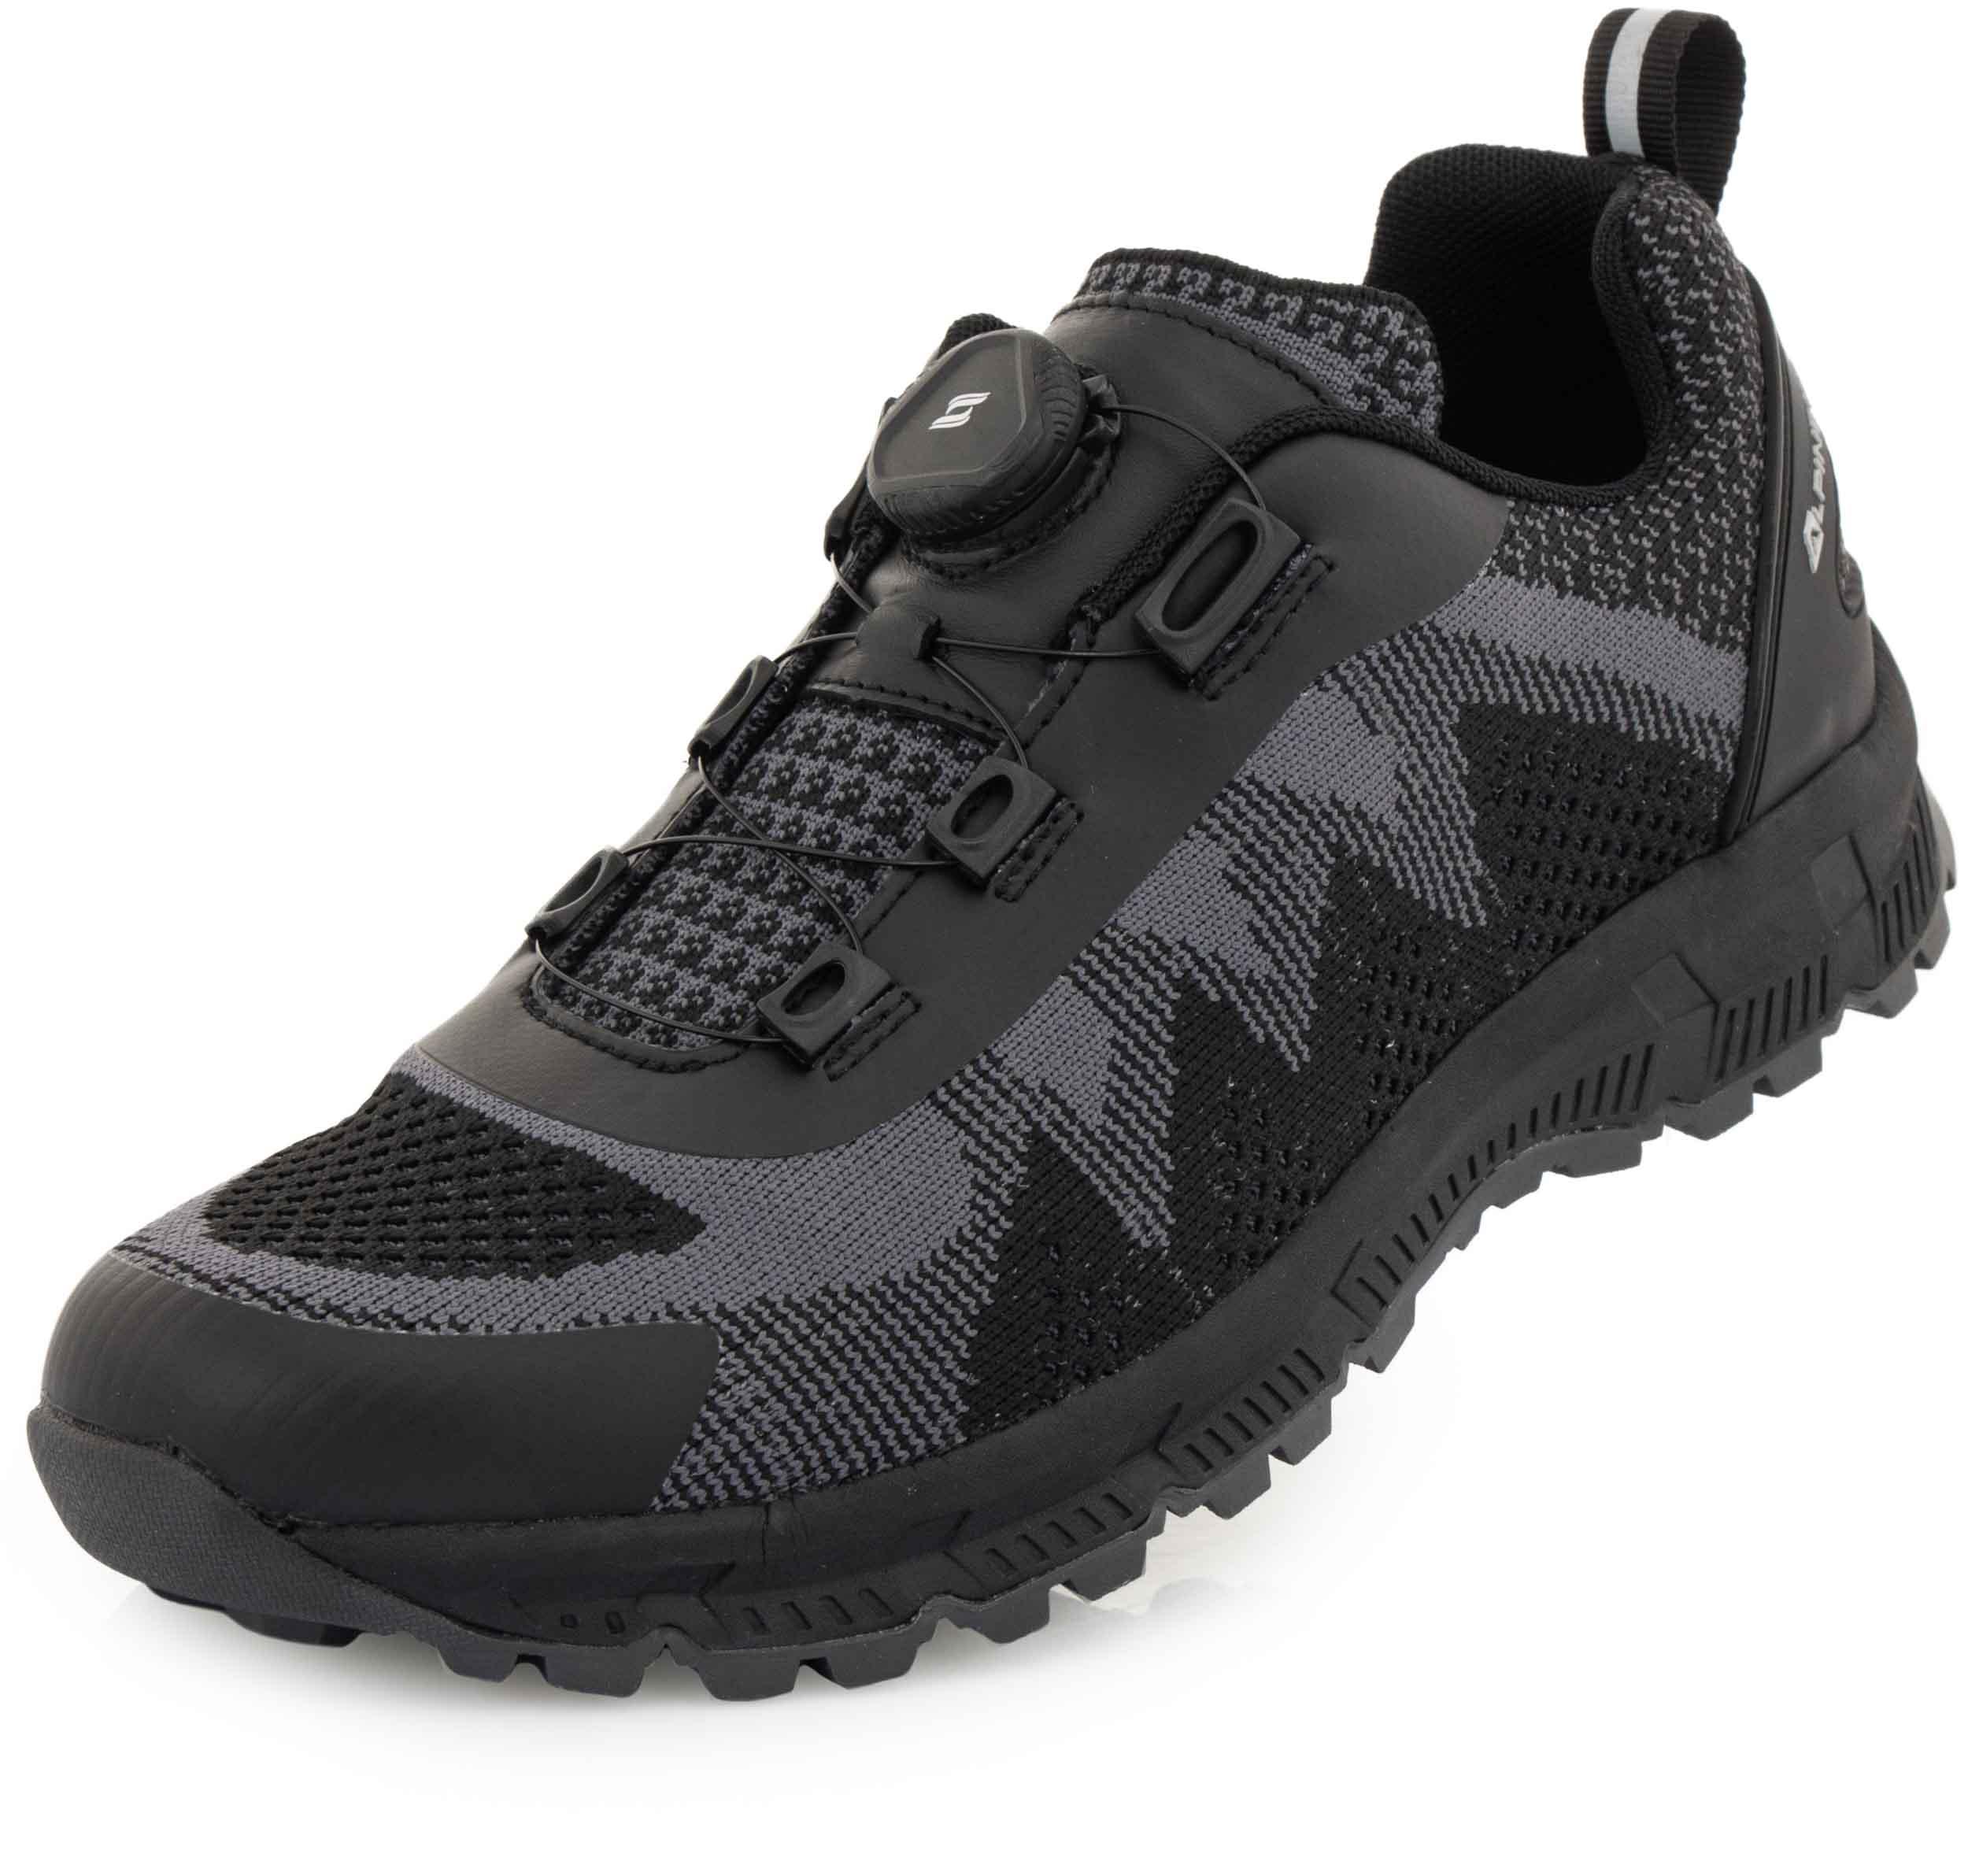 Outdoorová obuv Alpine Pro Amigo